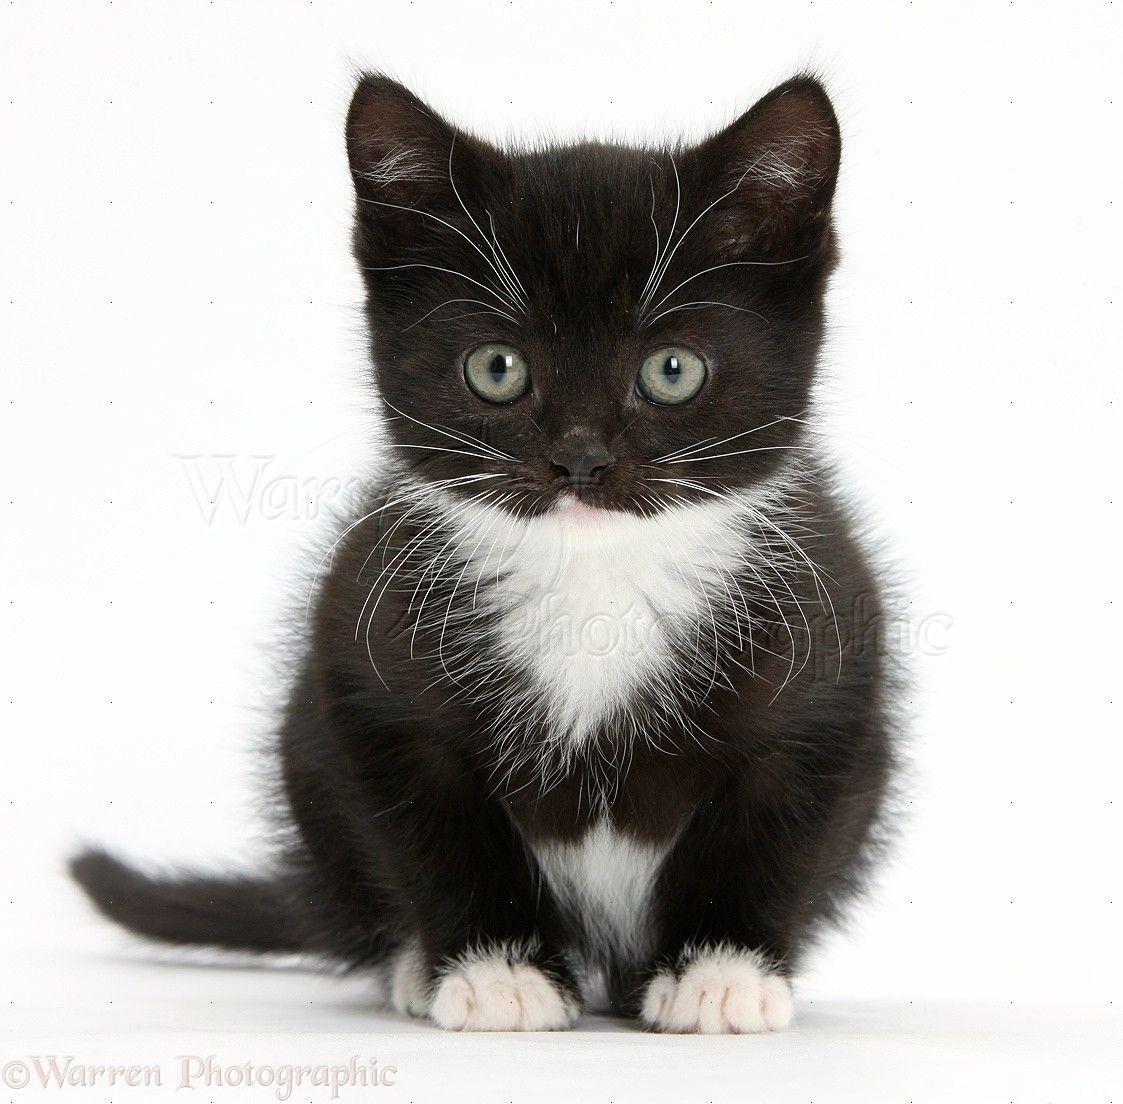 Gingerandwhite Siberian kitten, 16 weeks old, sitting